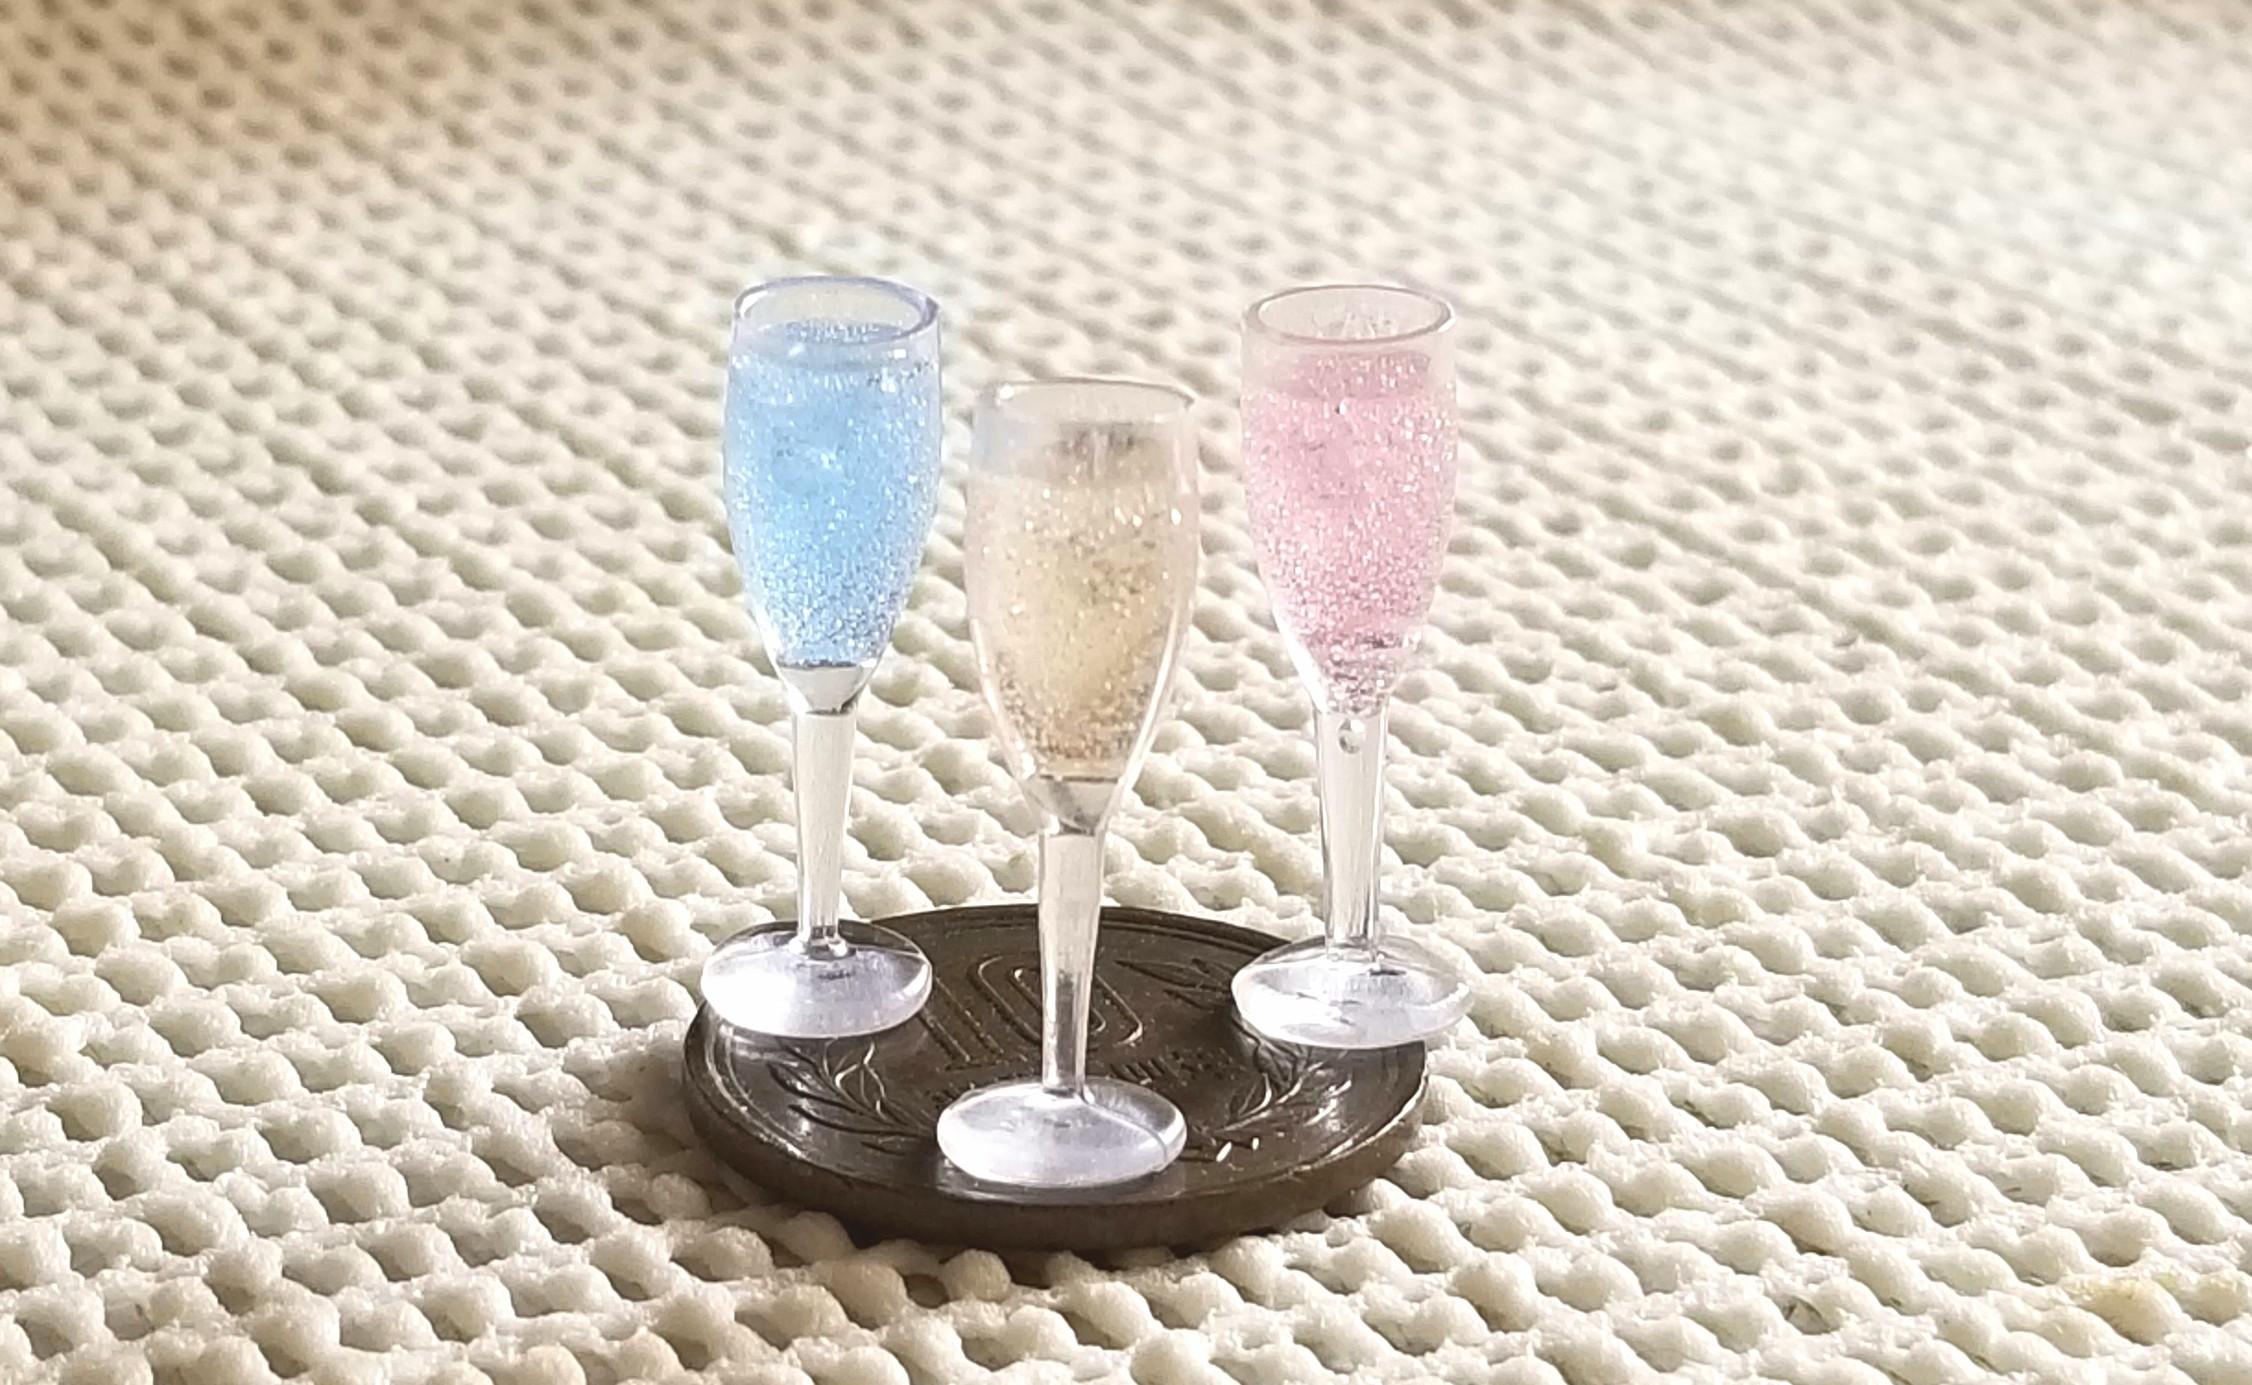 スパークリングワイン,ミニチュアフード,シャンパン,レジン,オビツ11